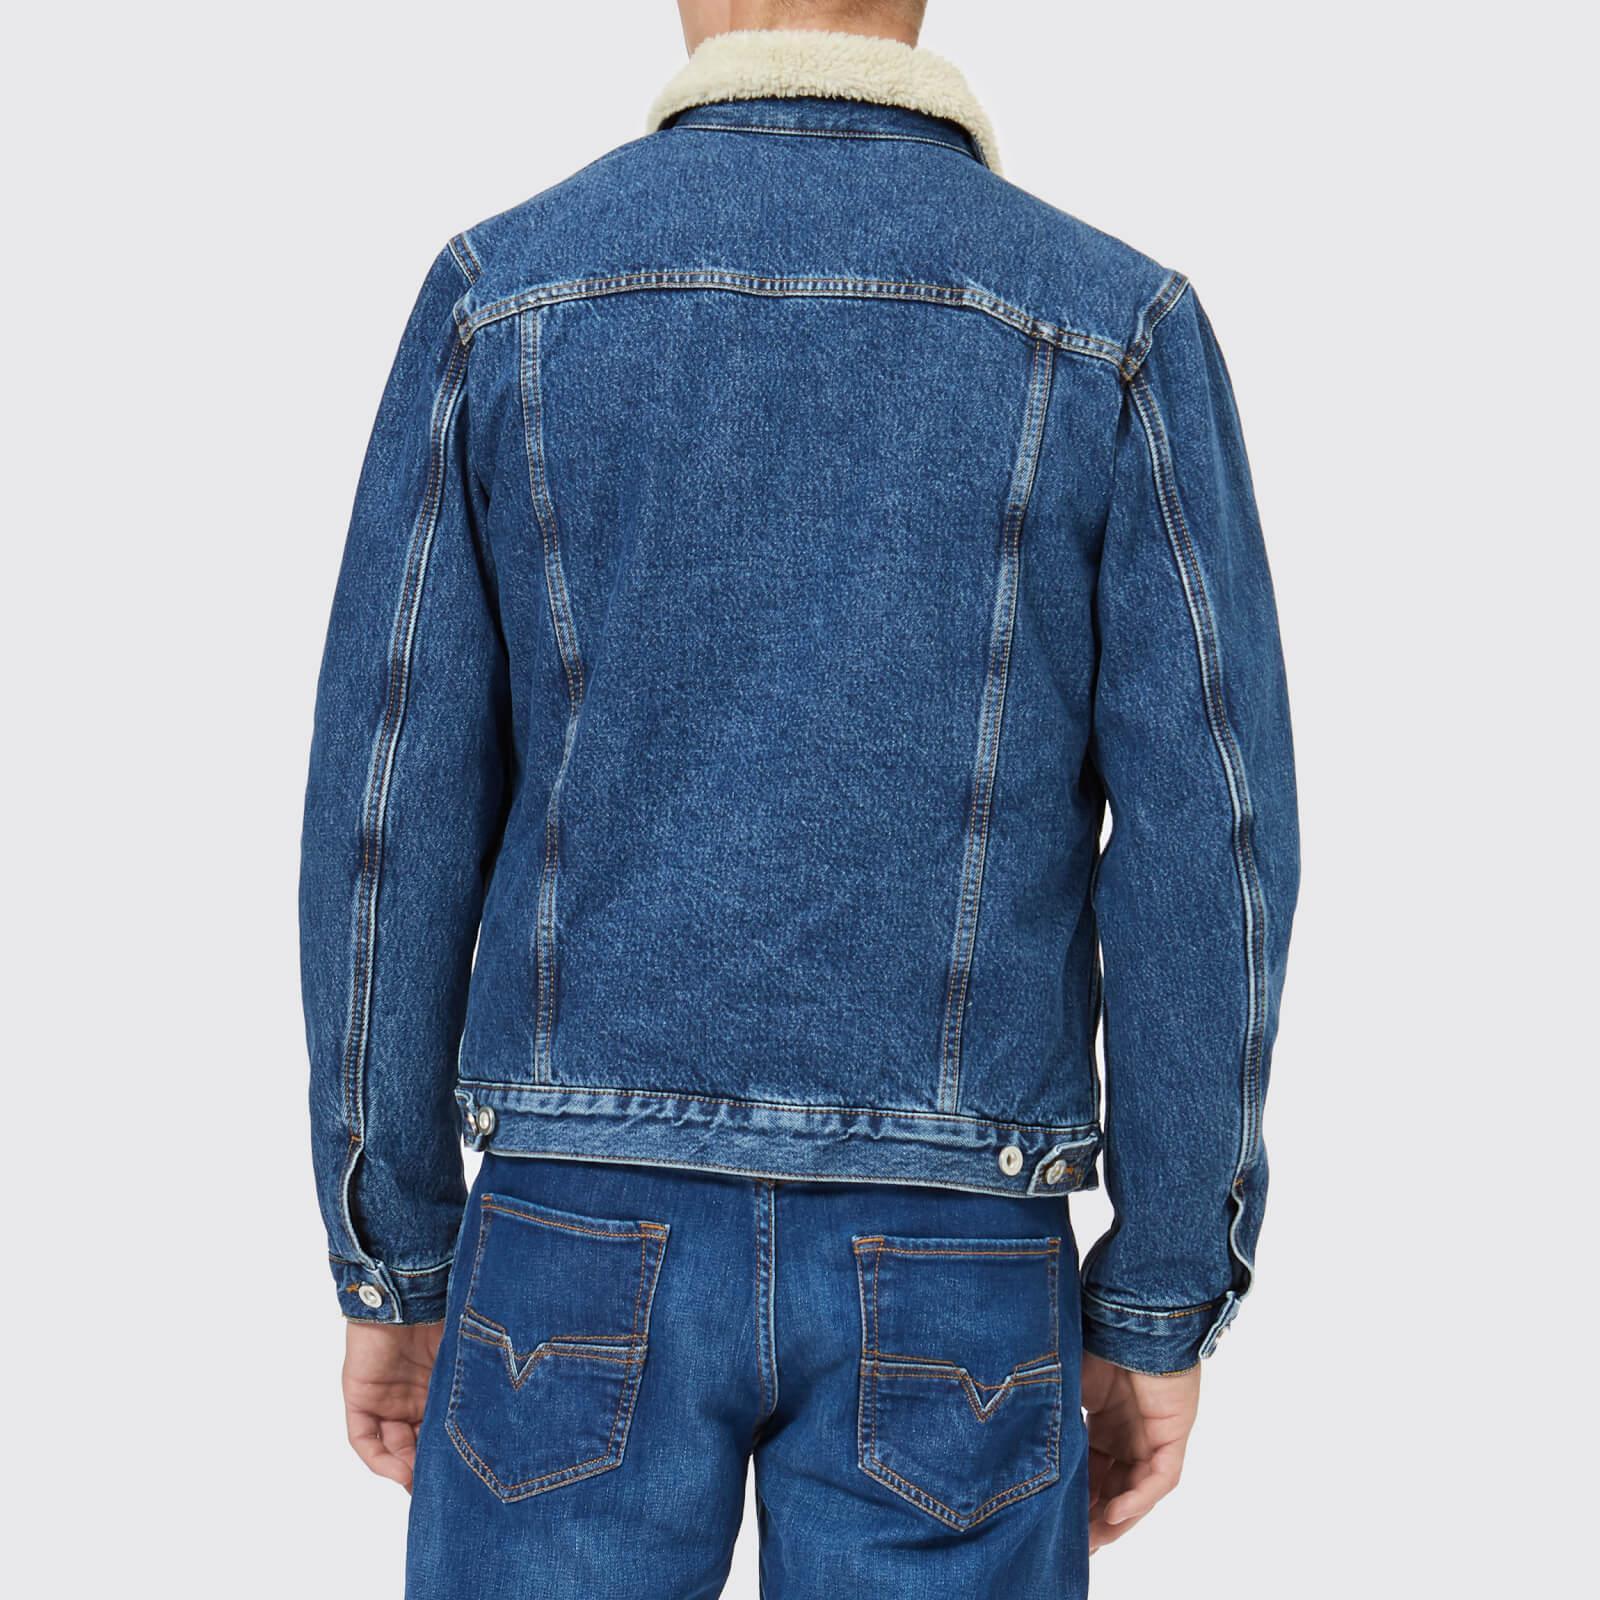 f5ba7433f2634 DIESEL - Blue D-gioc-fur Denim Jacket for Men - Lyst. View fullscreen